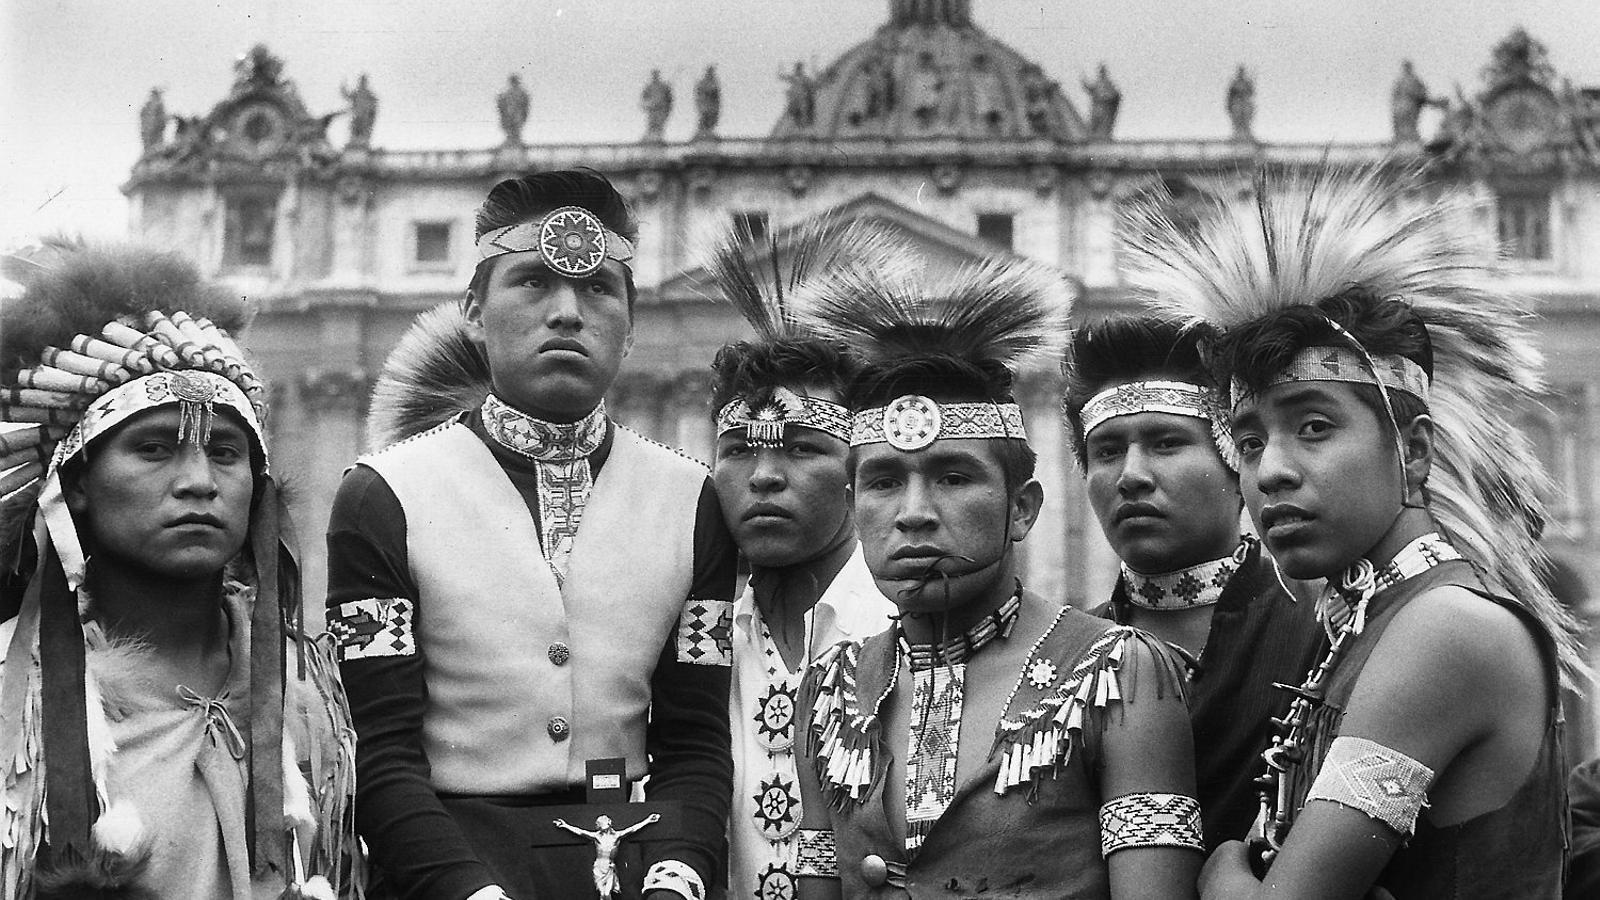 01. Una imatge del boteiro del Carnaval de Viana do Bolo copiat per Dolce&Gabbana. 02. Una imatge del 1961 d'un grup d'indis navajos, una tribu que ha demandat Urban Outfitters per ús impropi dels seus símbols.  03 i 04. Un grup d'indis de la tribu haida d'Alaska, que han emprès accions contra una web de moda per vendre jerseis que imiten les seves robes.